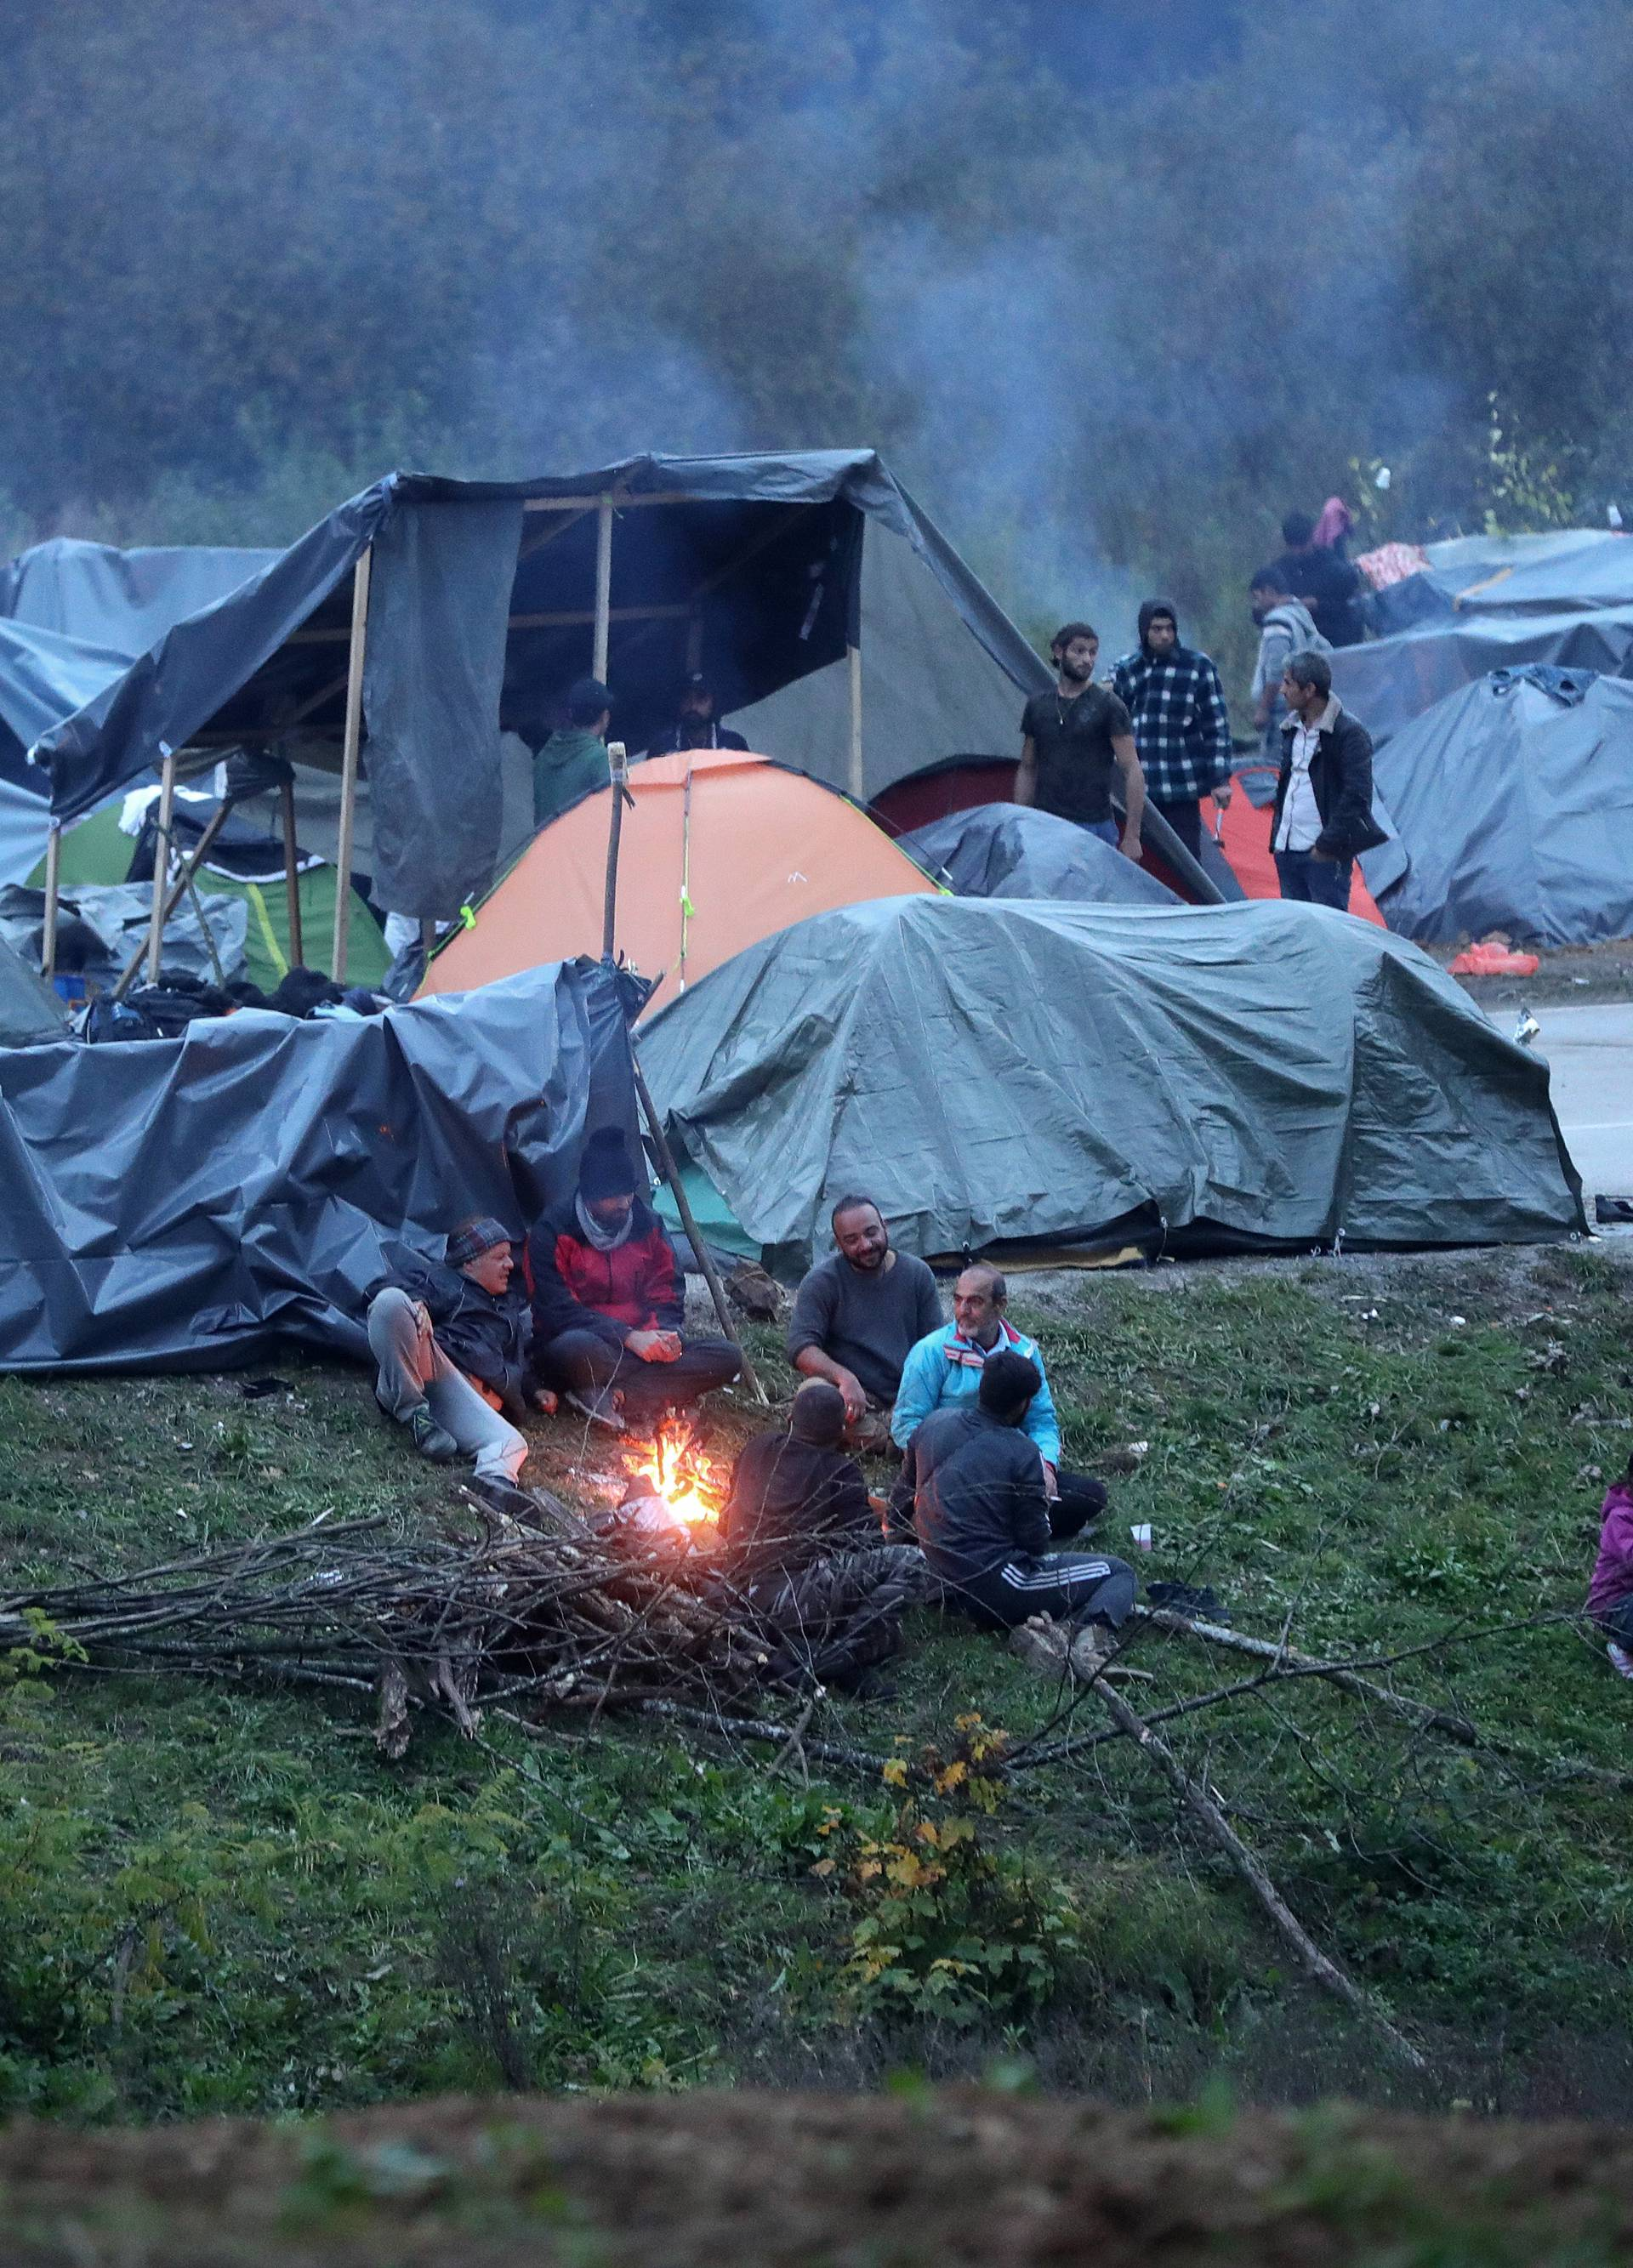 Međunarodni cestovni granični prijelaz Maljevac - Velika Kladuša i dalje zatvoren